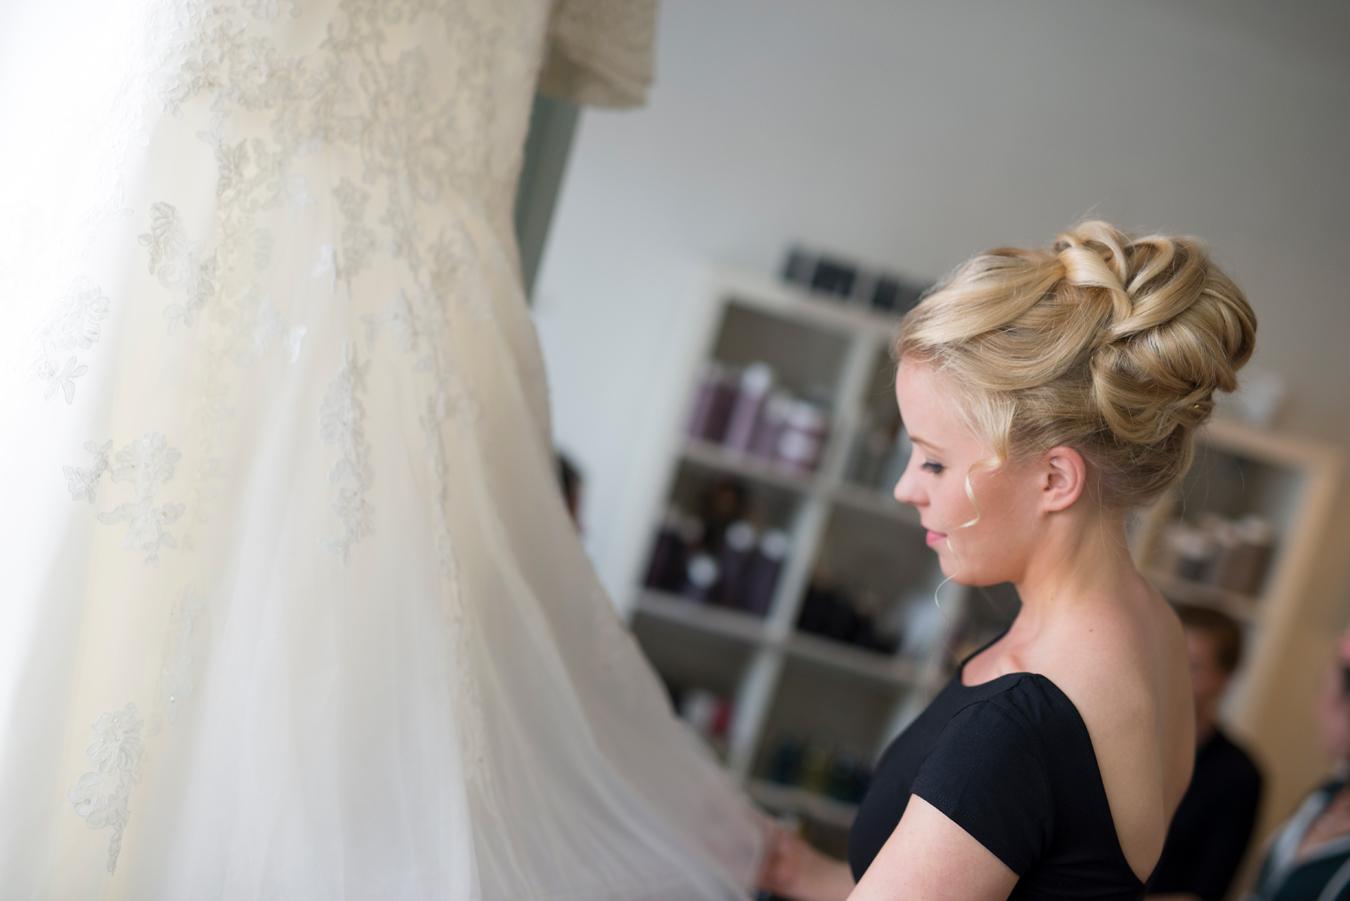 005-bröllopsfotograf-ulebergshamn-göteborg-neas-fotografi.jpg